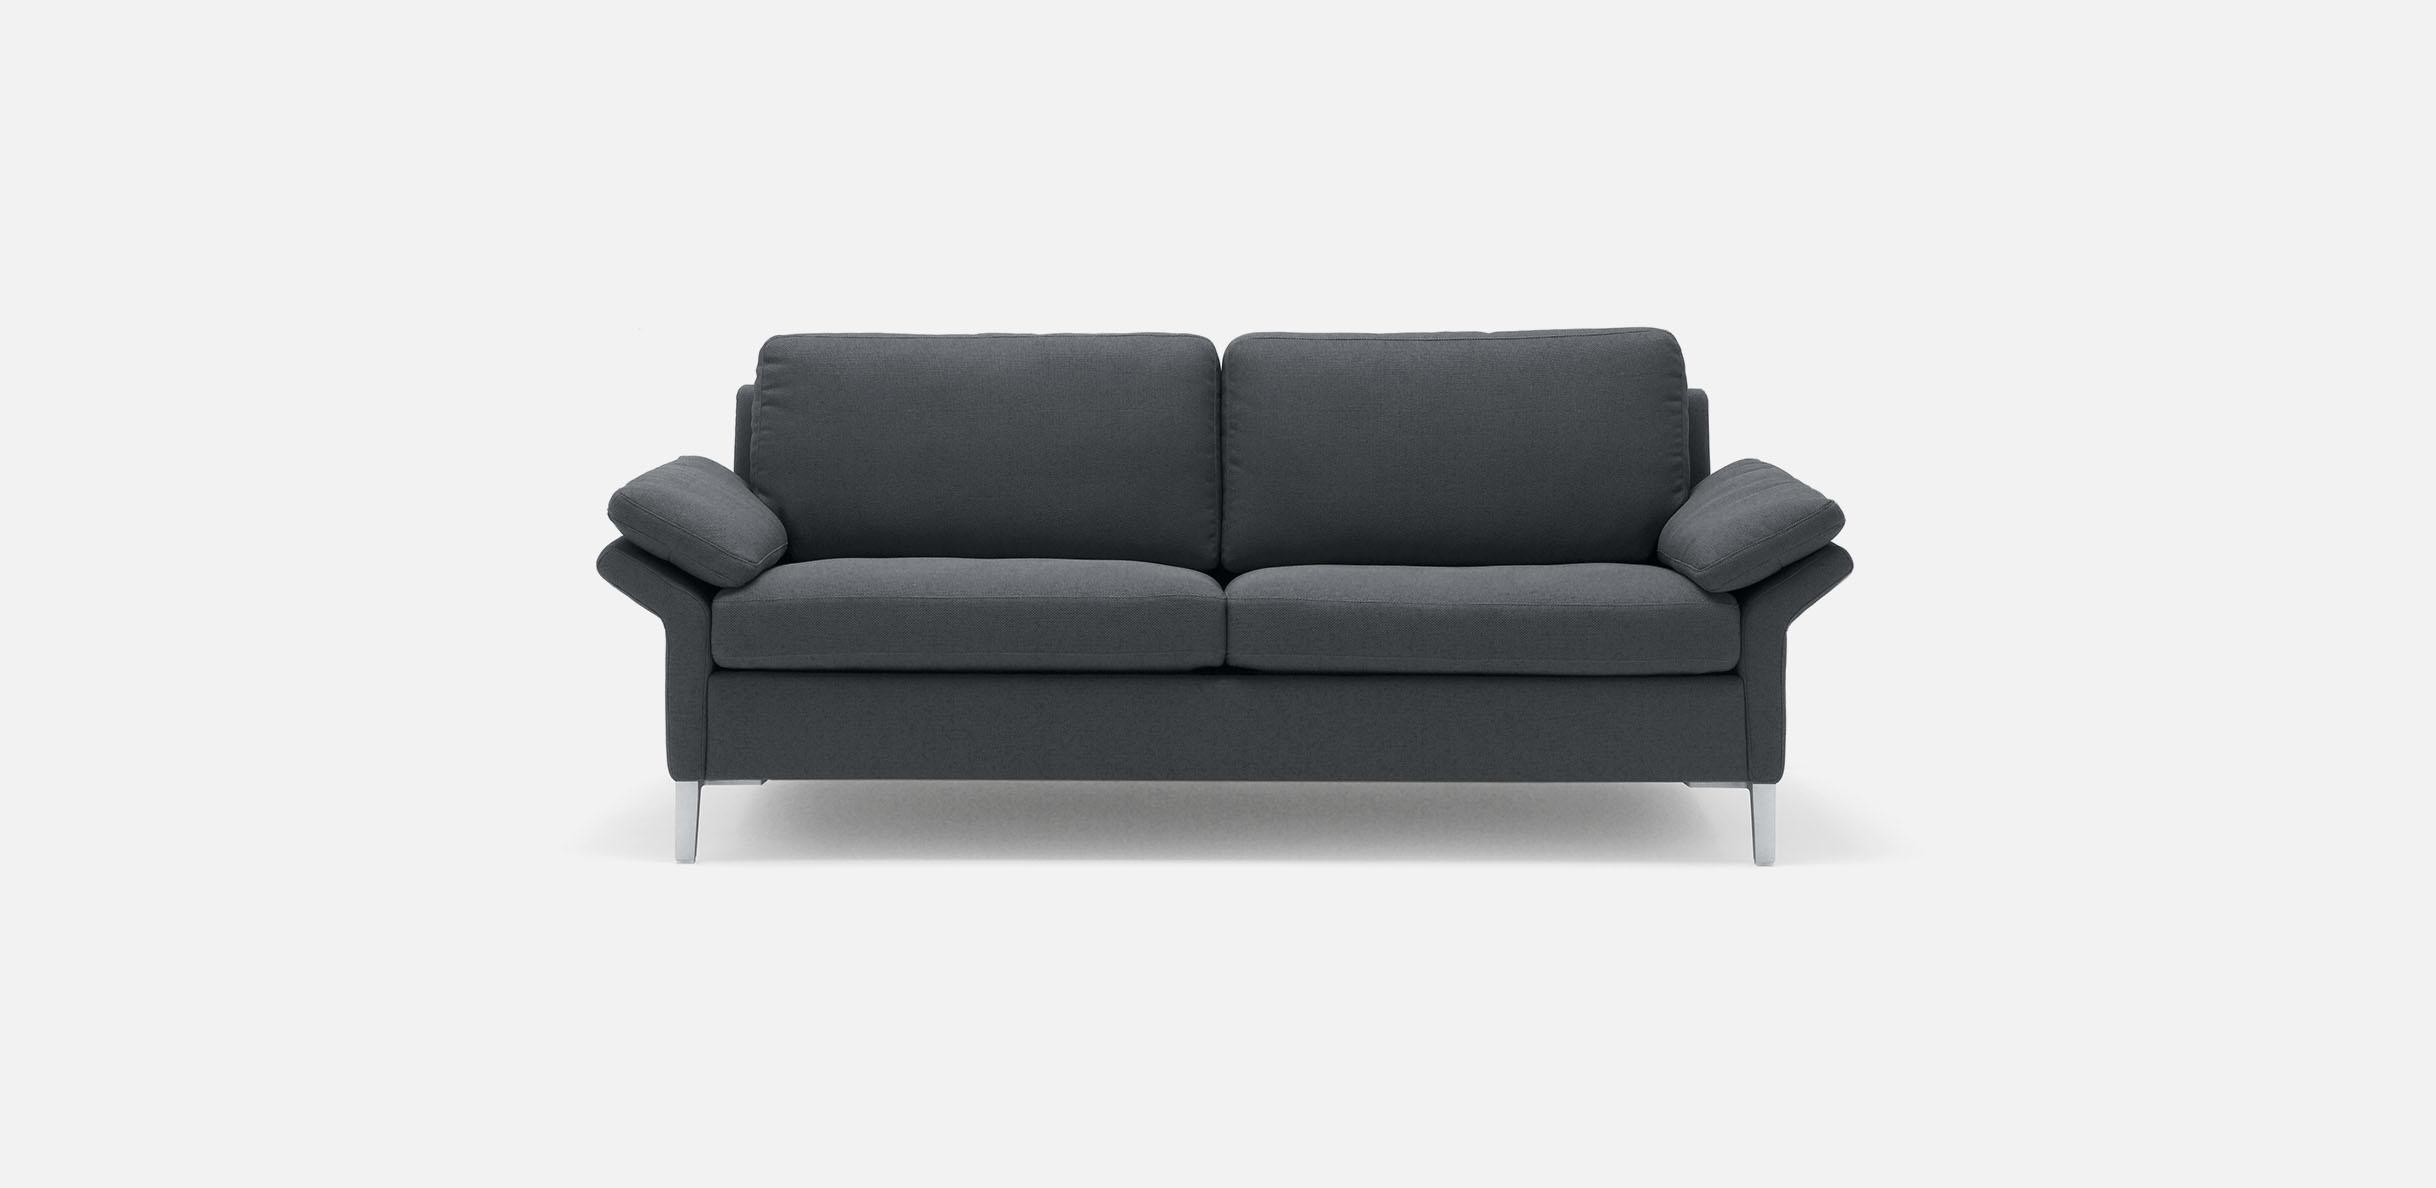 rolf benz sofas nagold das beste aus wohndesign und. Black Bedroom Furniture Sets. Home Design Ideas